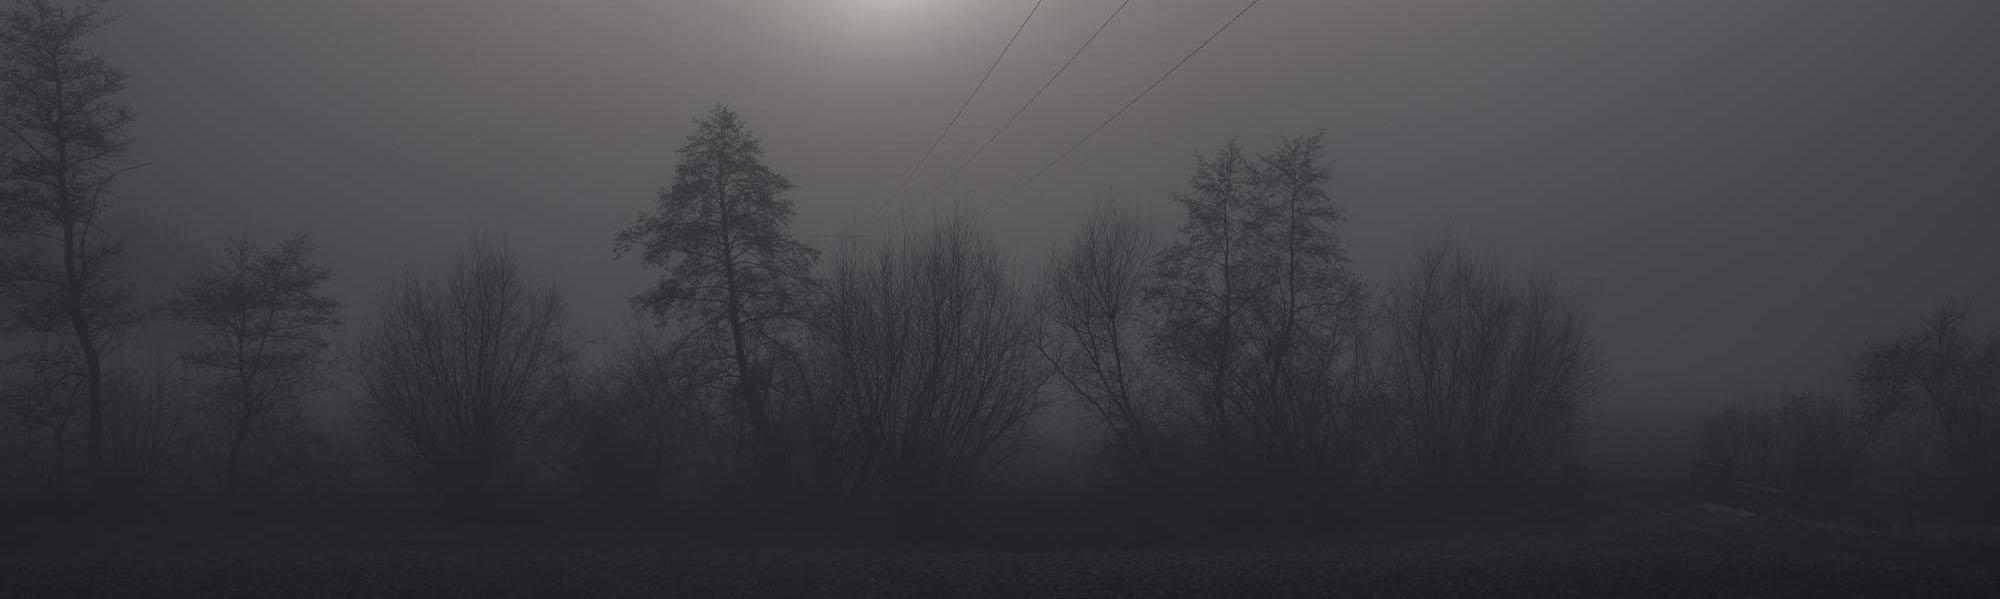 Baumreihe im dichten Nebel